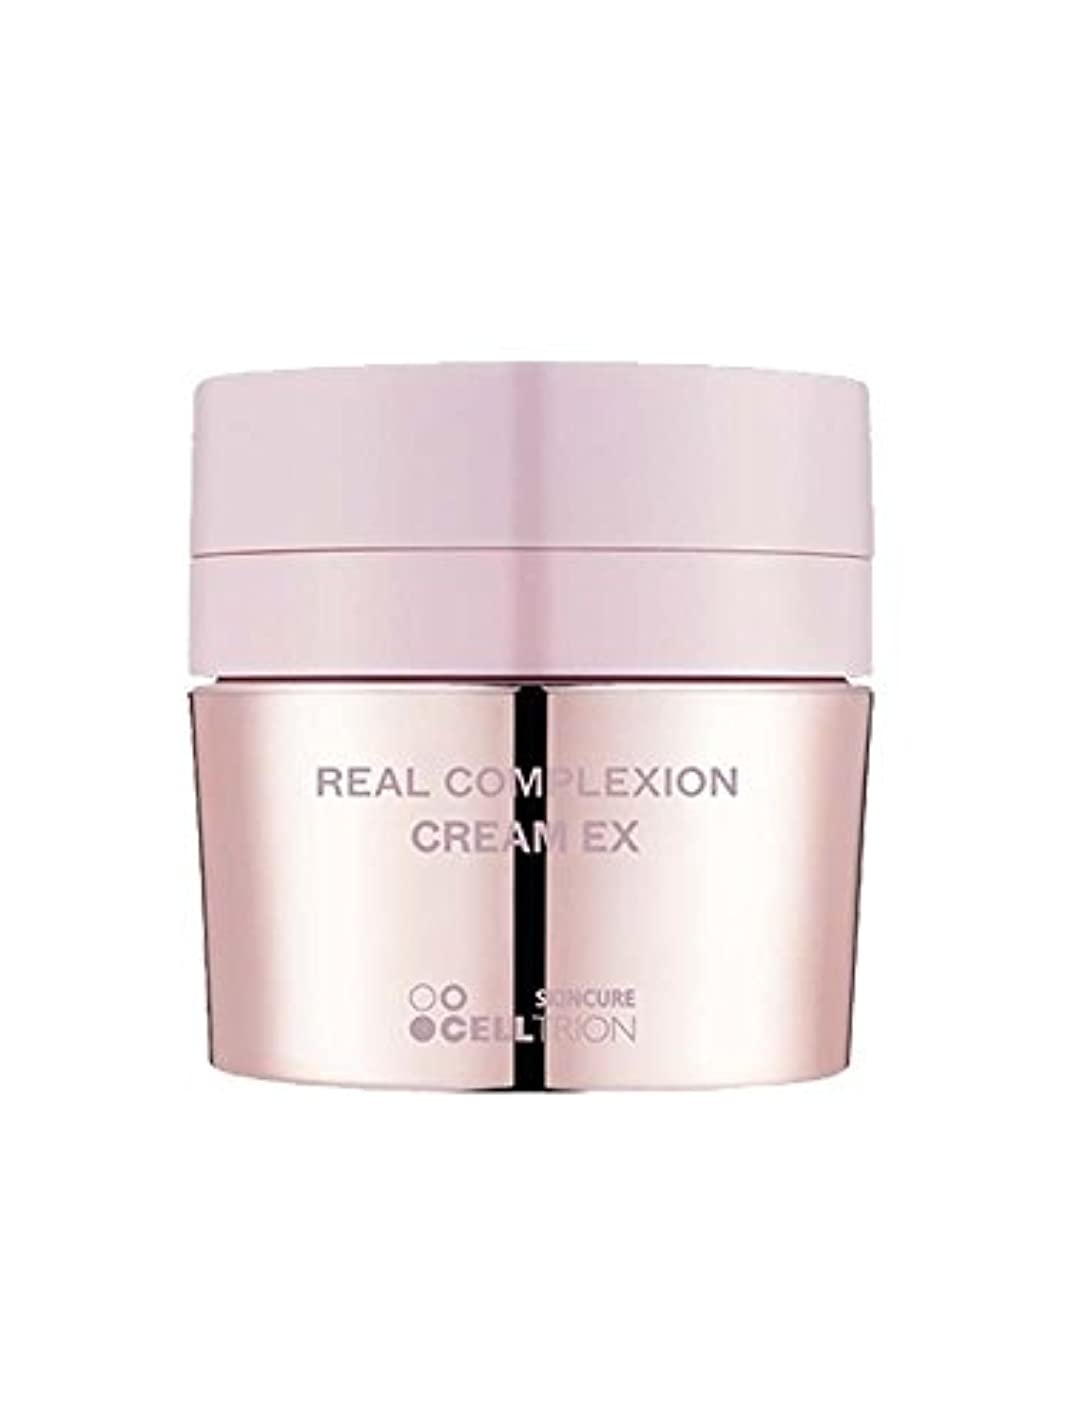 ハーネス下に修正するHANSKIN Real Complexion cream EX 50ml/ハンスキン リアル コンプレクション クリーム EX 50ml [並行輸入品]